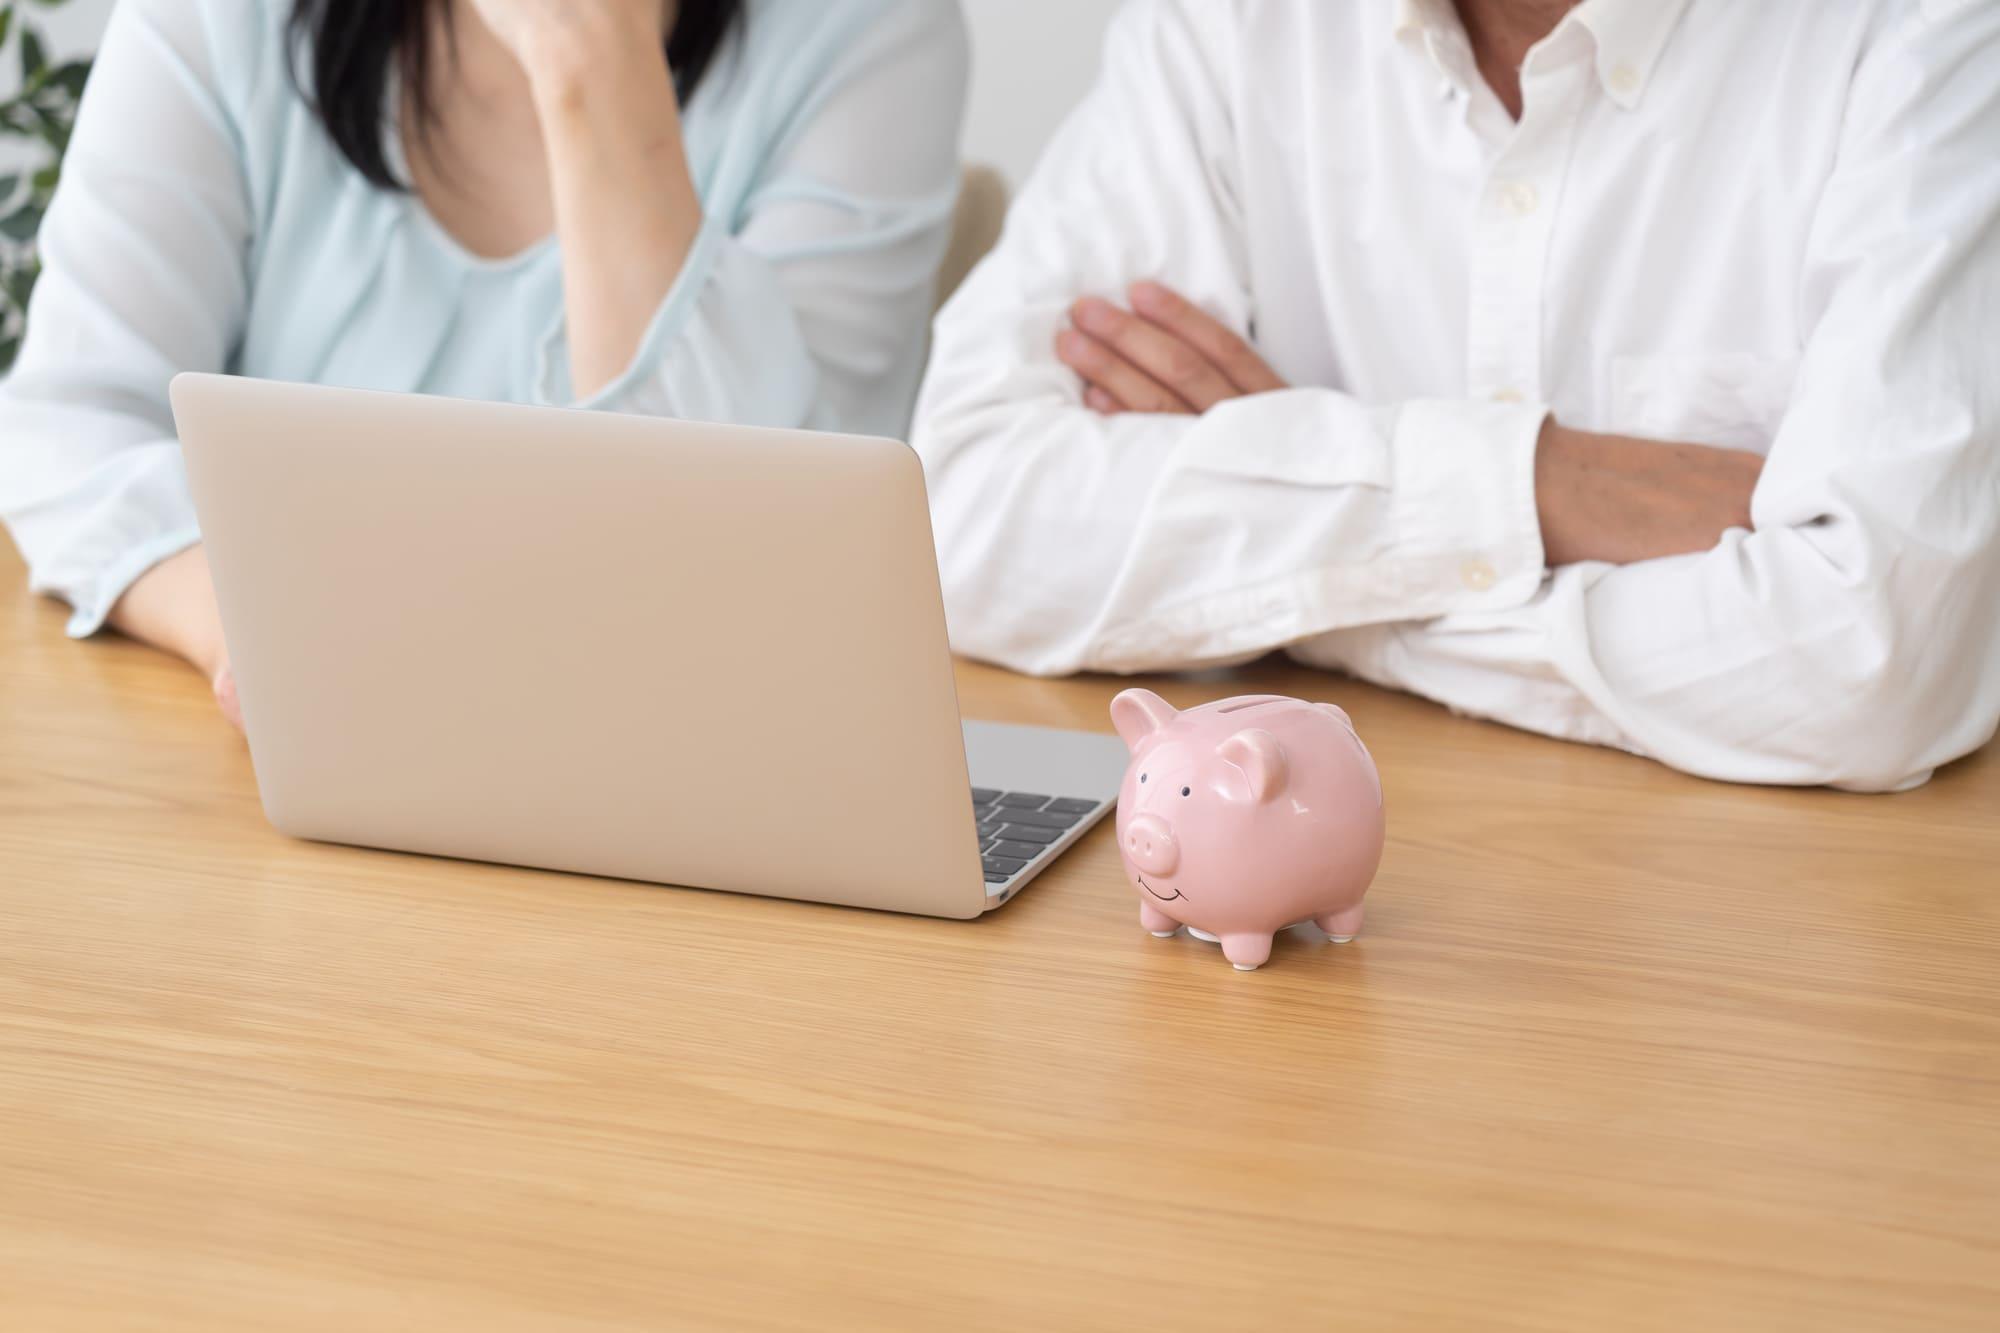 夫婦でお金の管理を考えよう!財布の分け方・生活費分担などを考えた家計管理方法